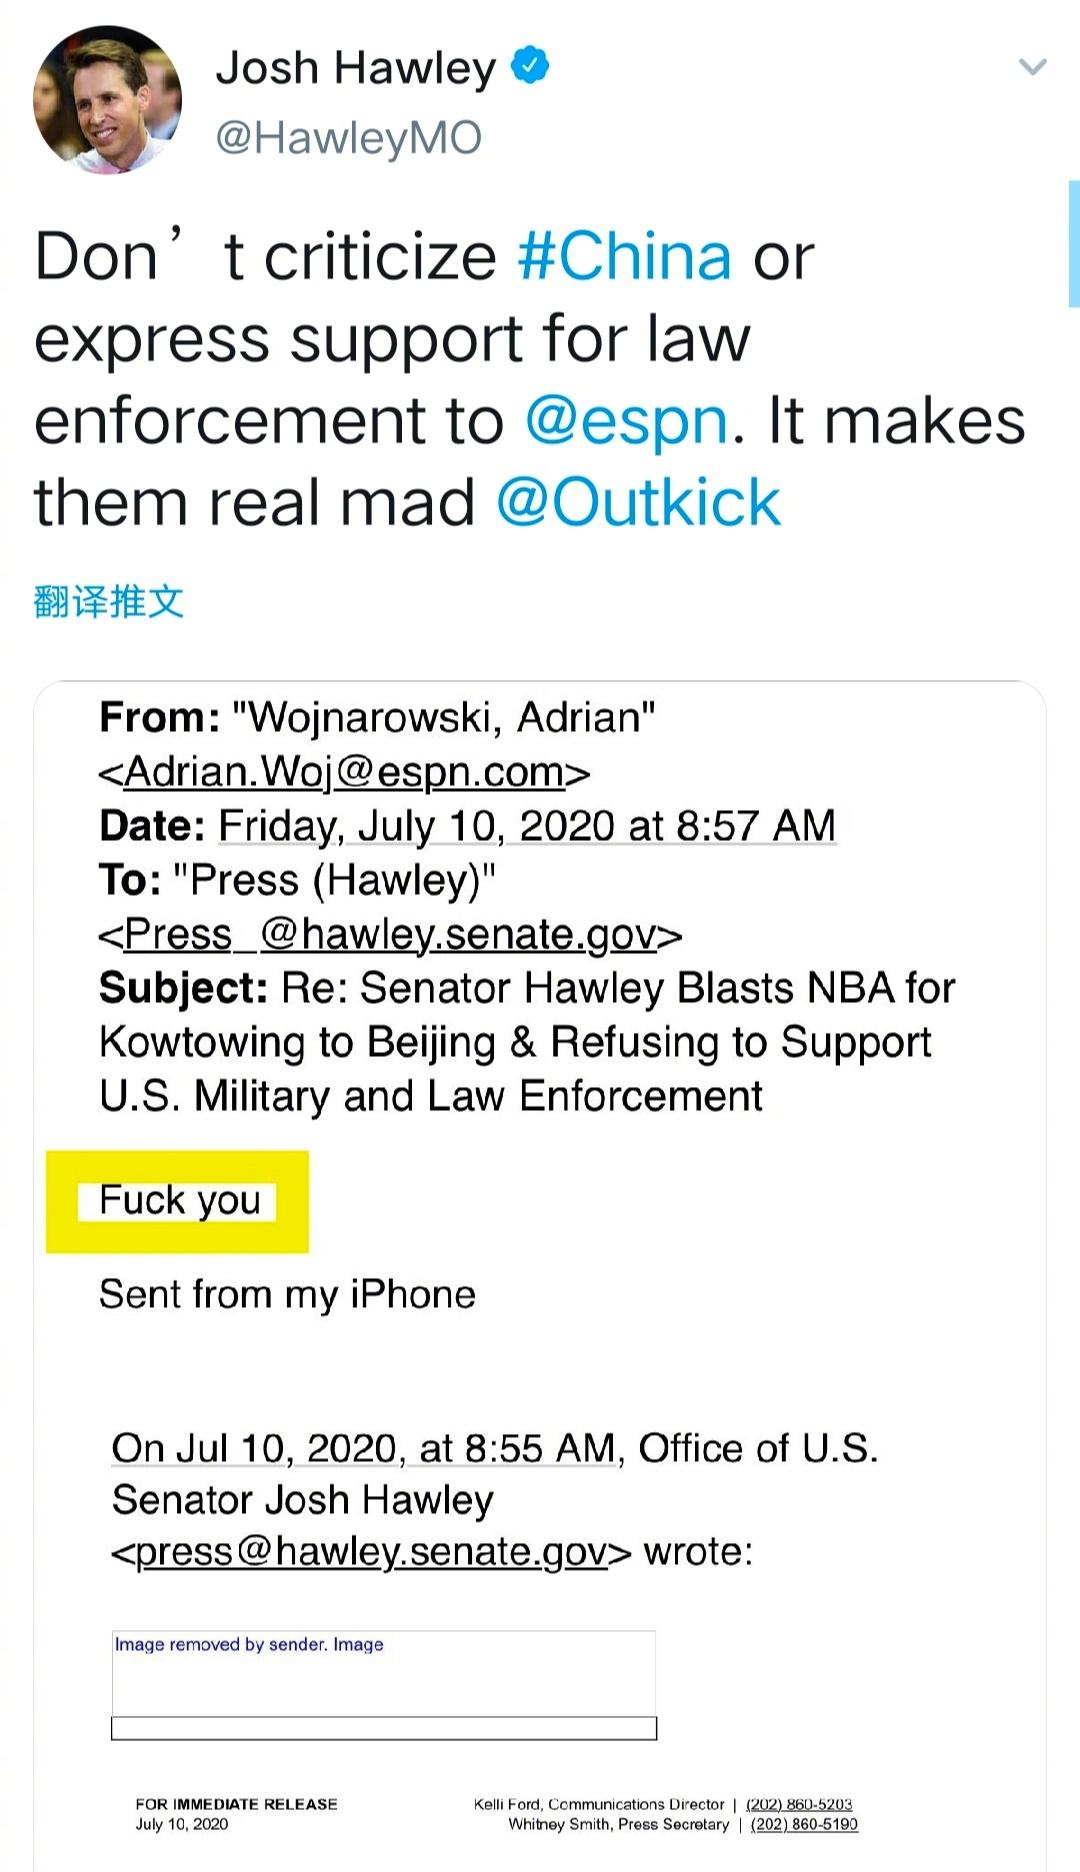 沃神这下惨了,差点丢饭碗。有个议员要NBA跟中国对着干